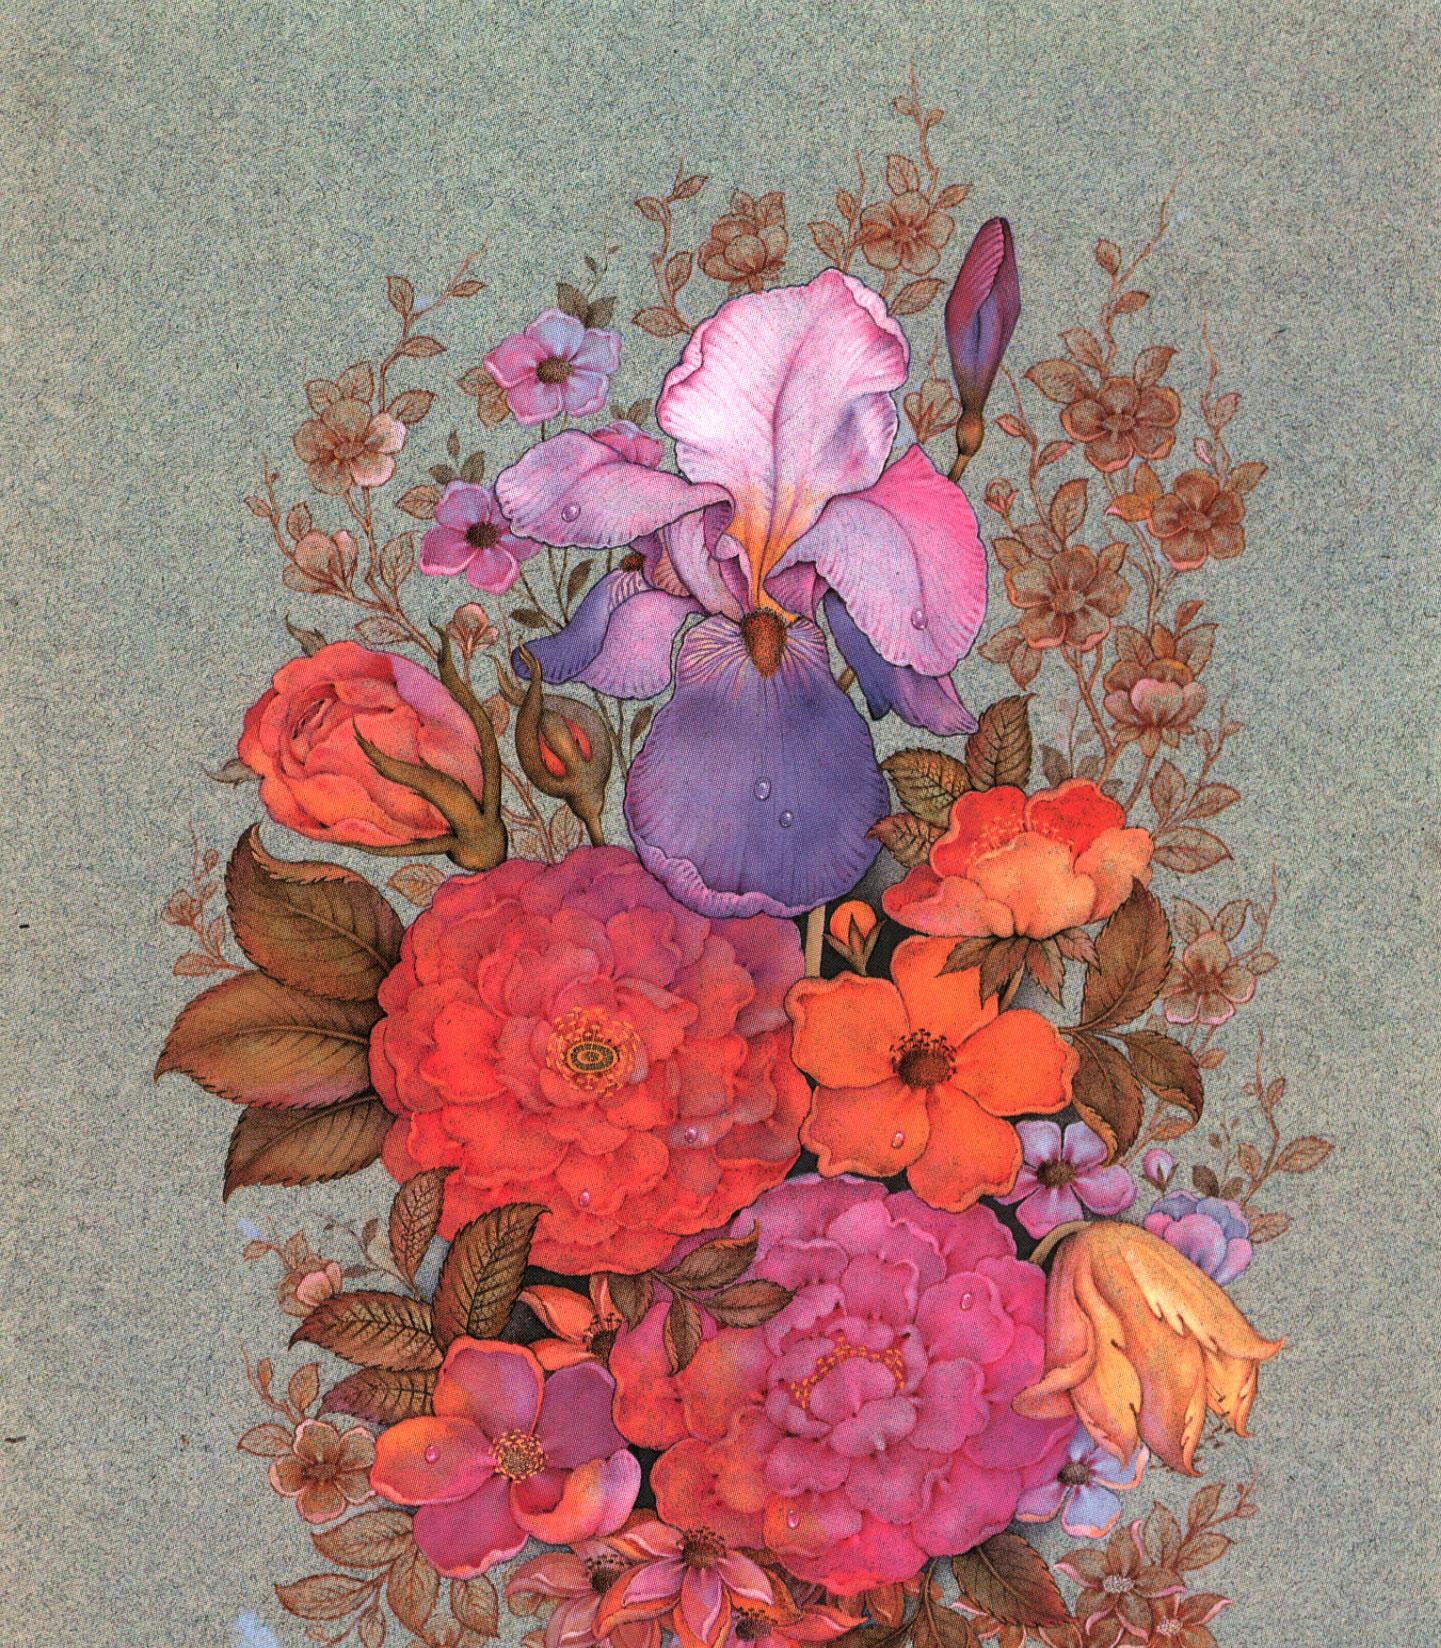 گل و بوته